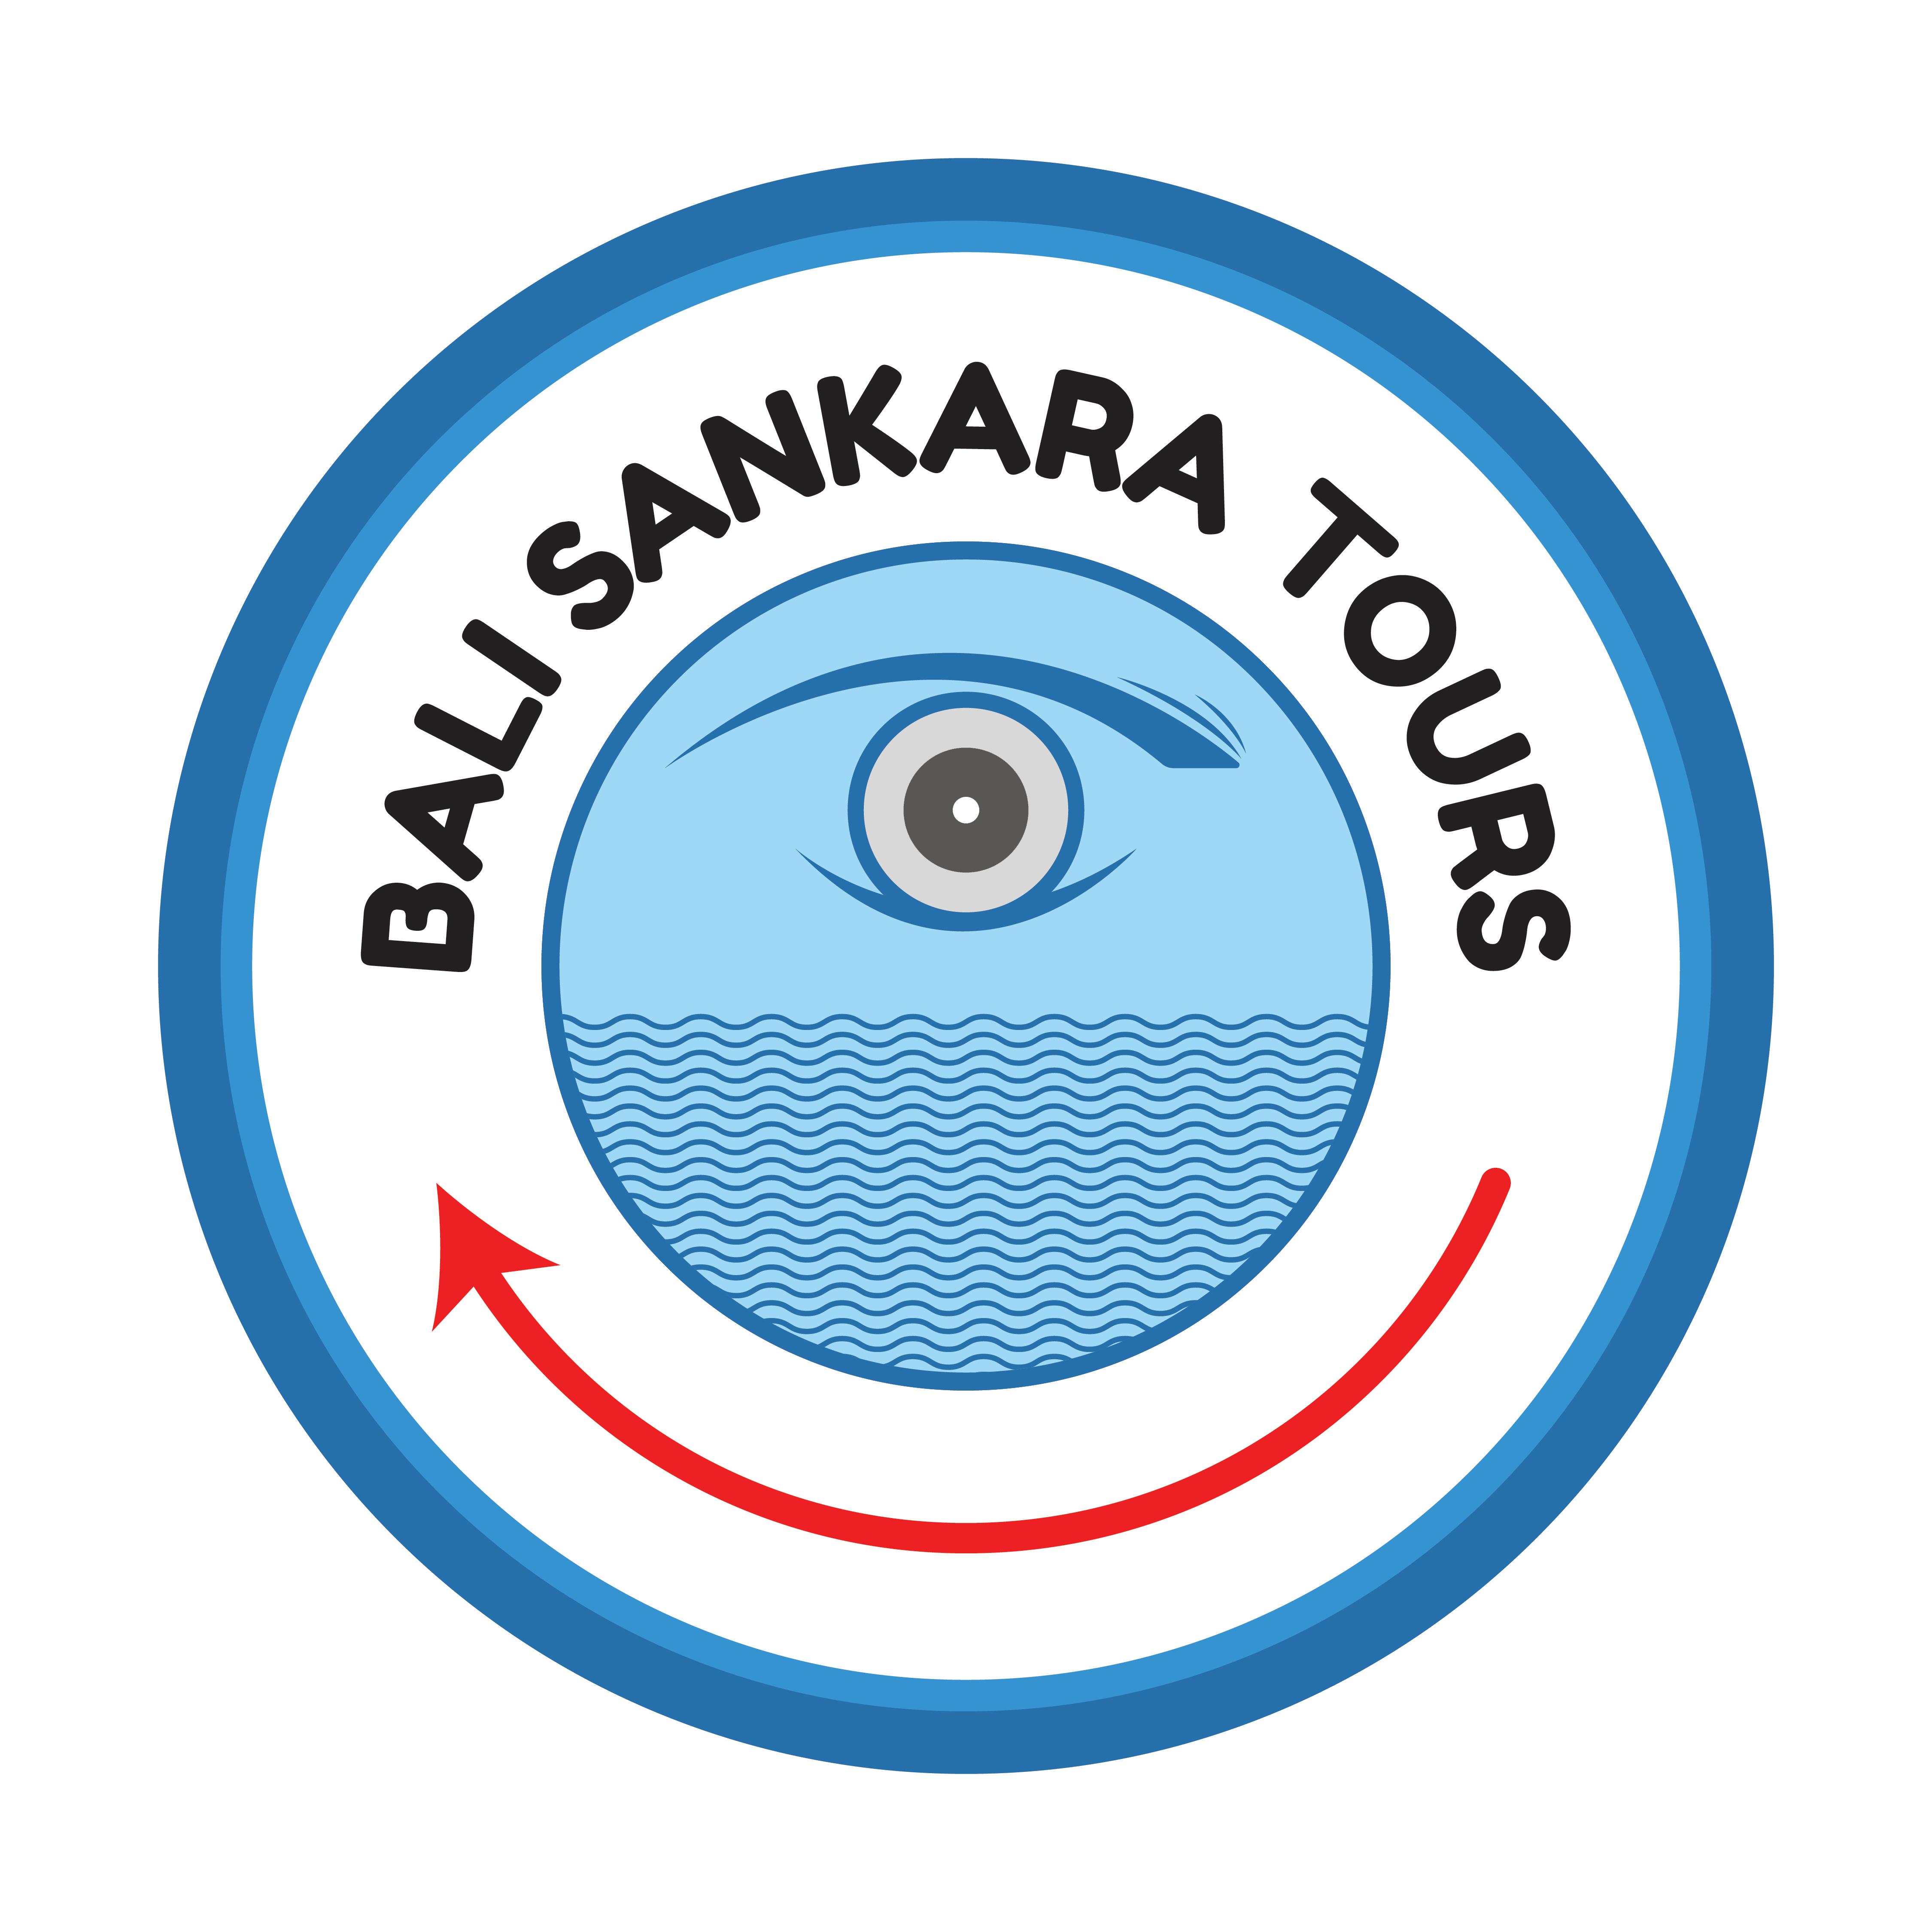 Bali Sankara Tours